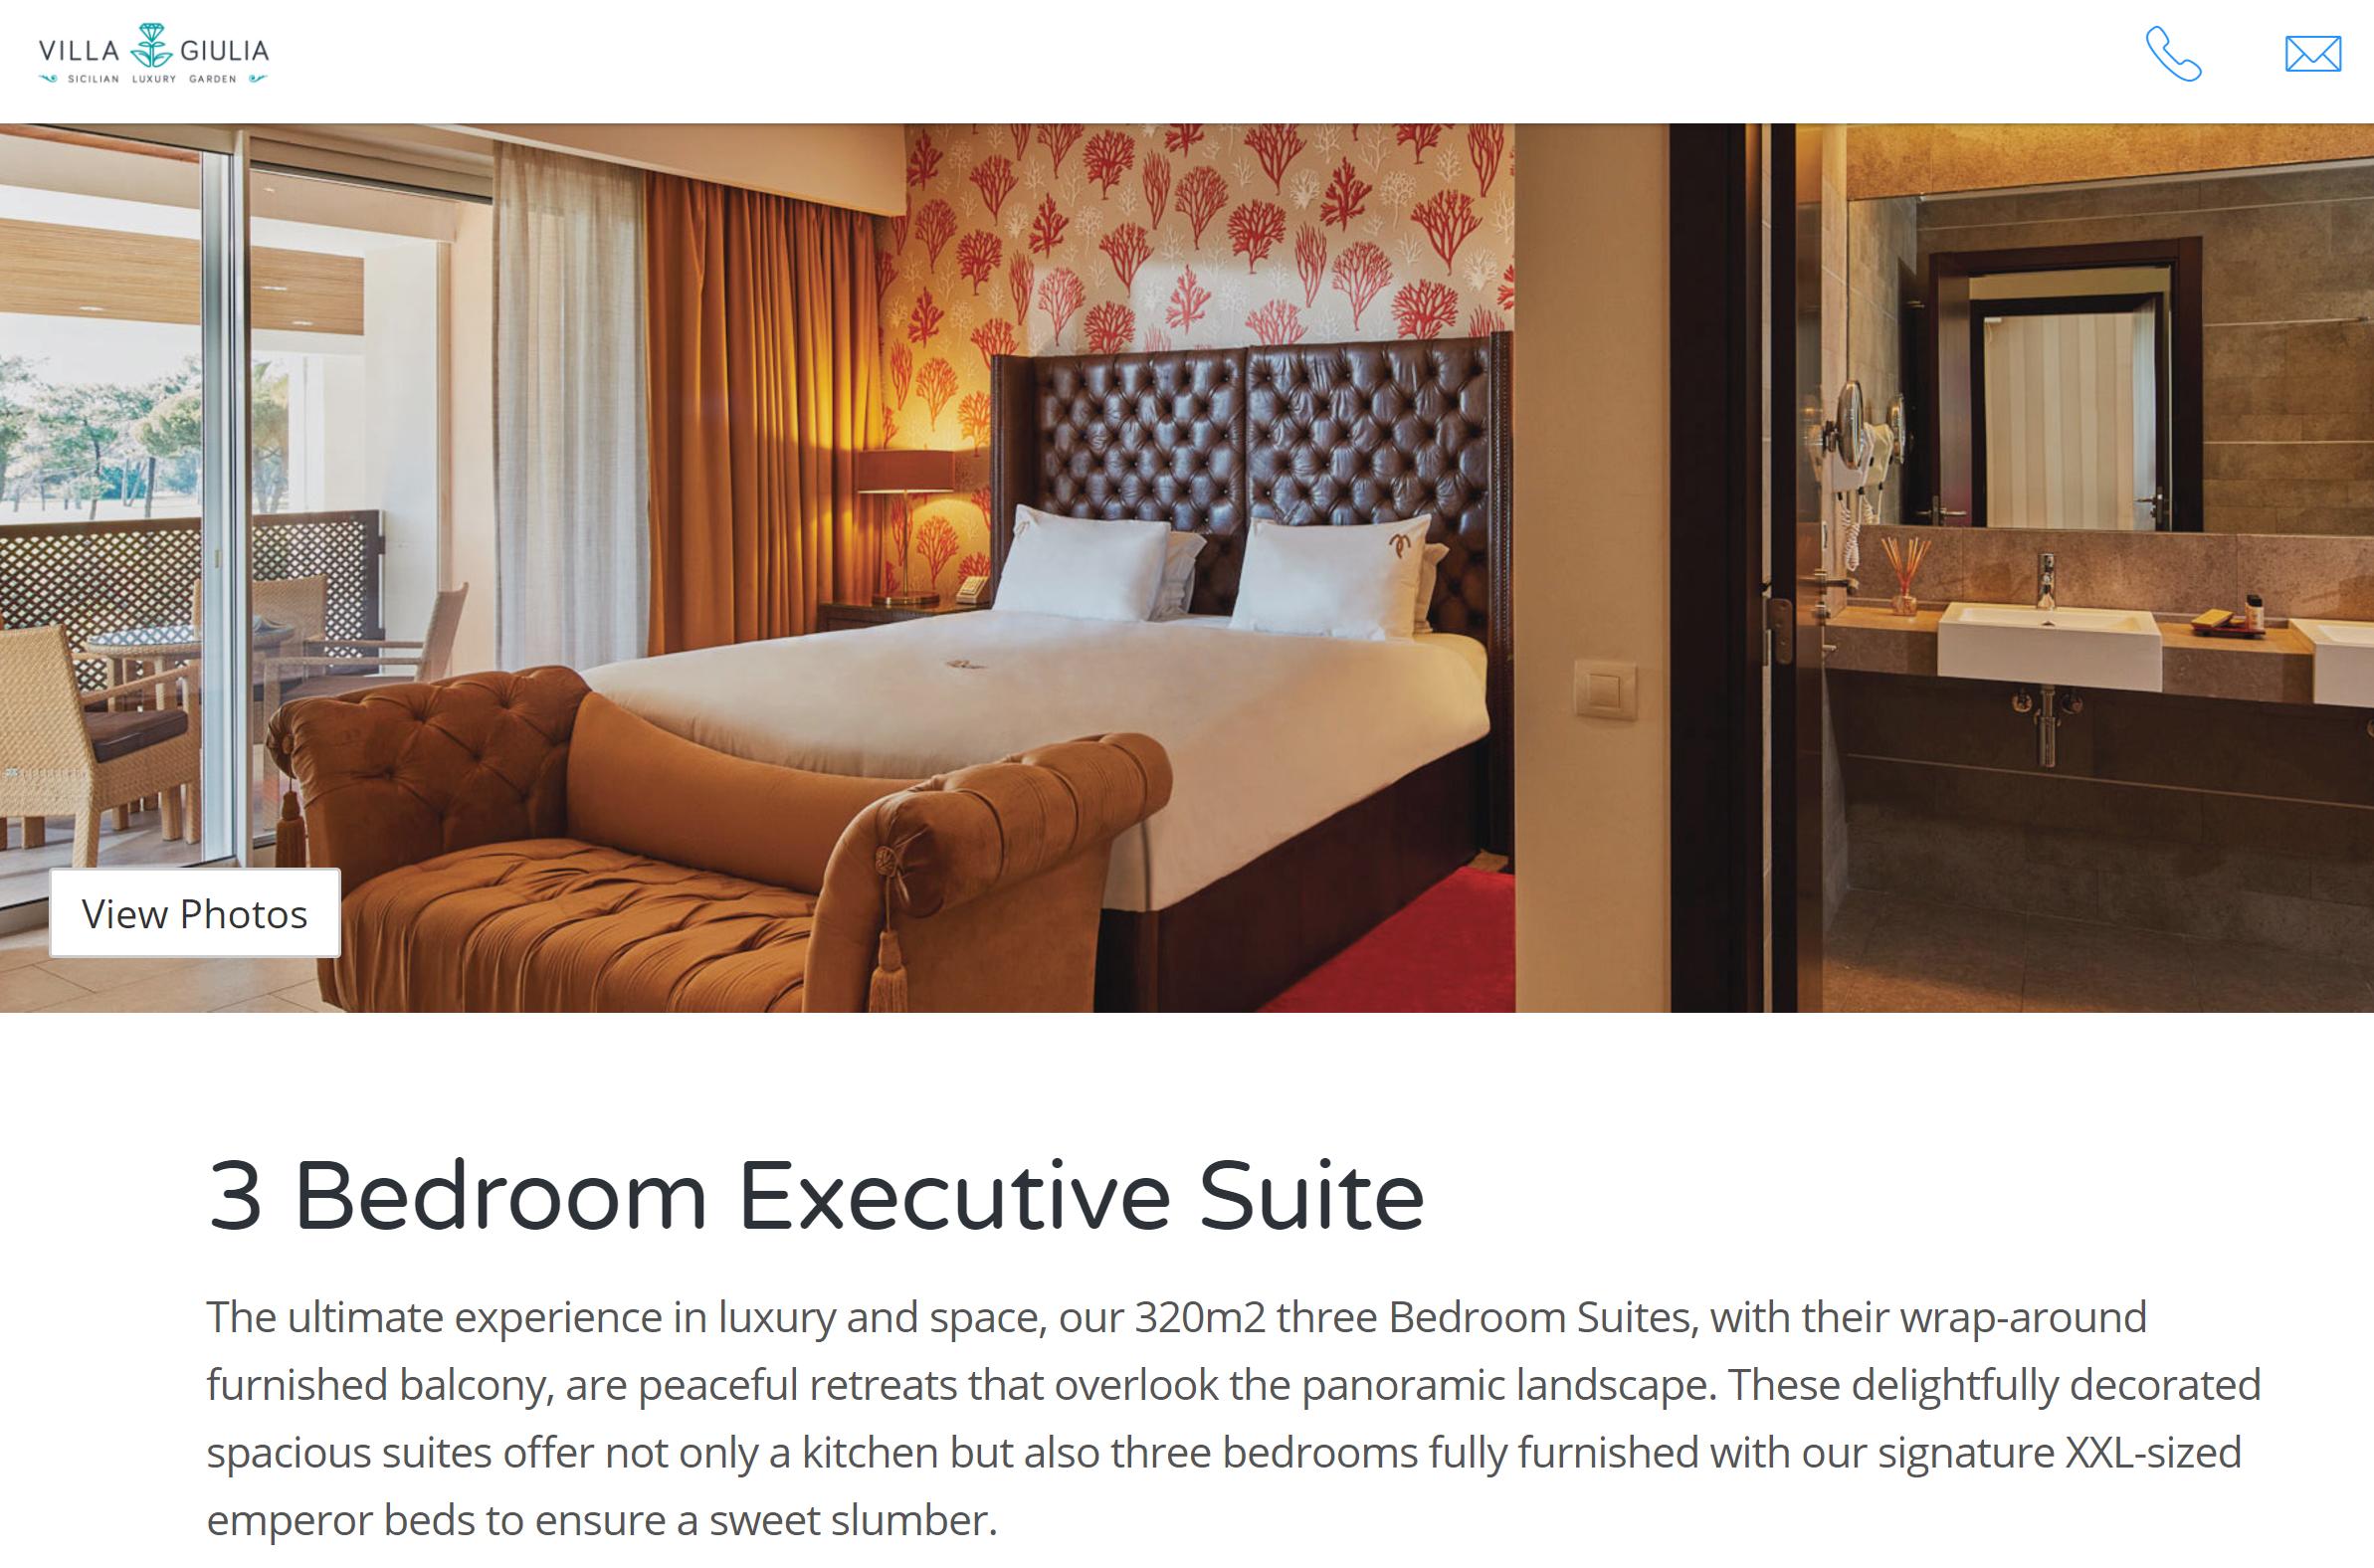 होटल नीतियां और सुविधाएं